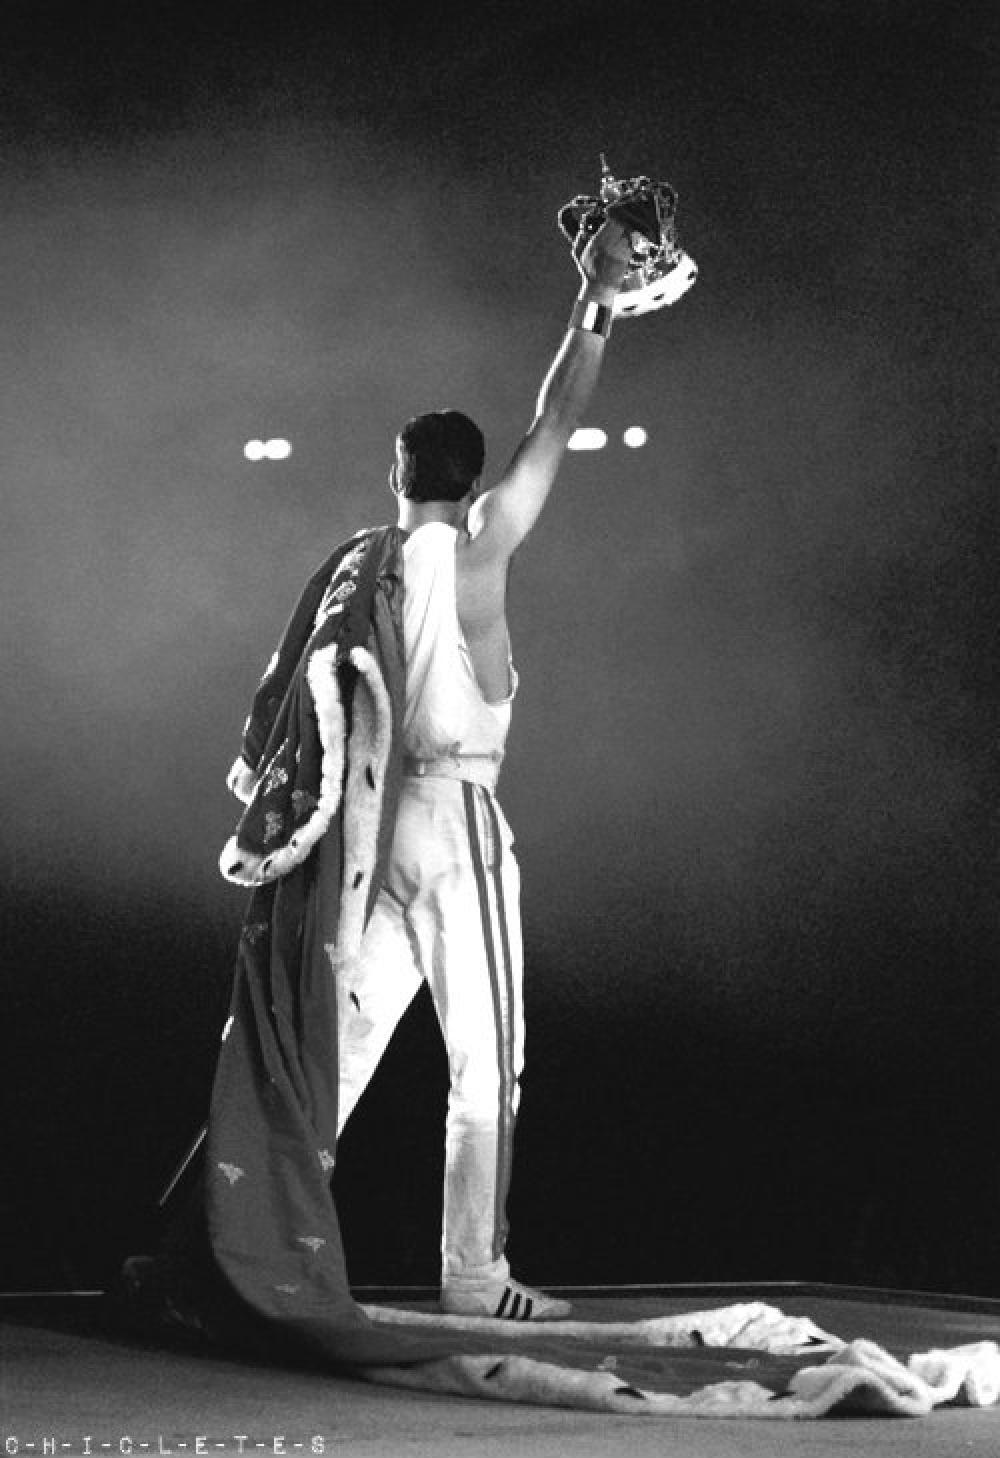 Living of a legend - Freddie Mercury